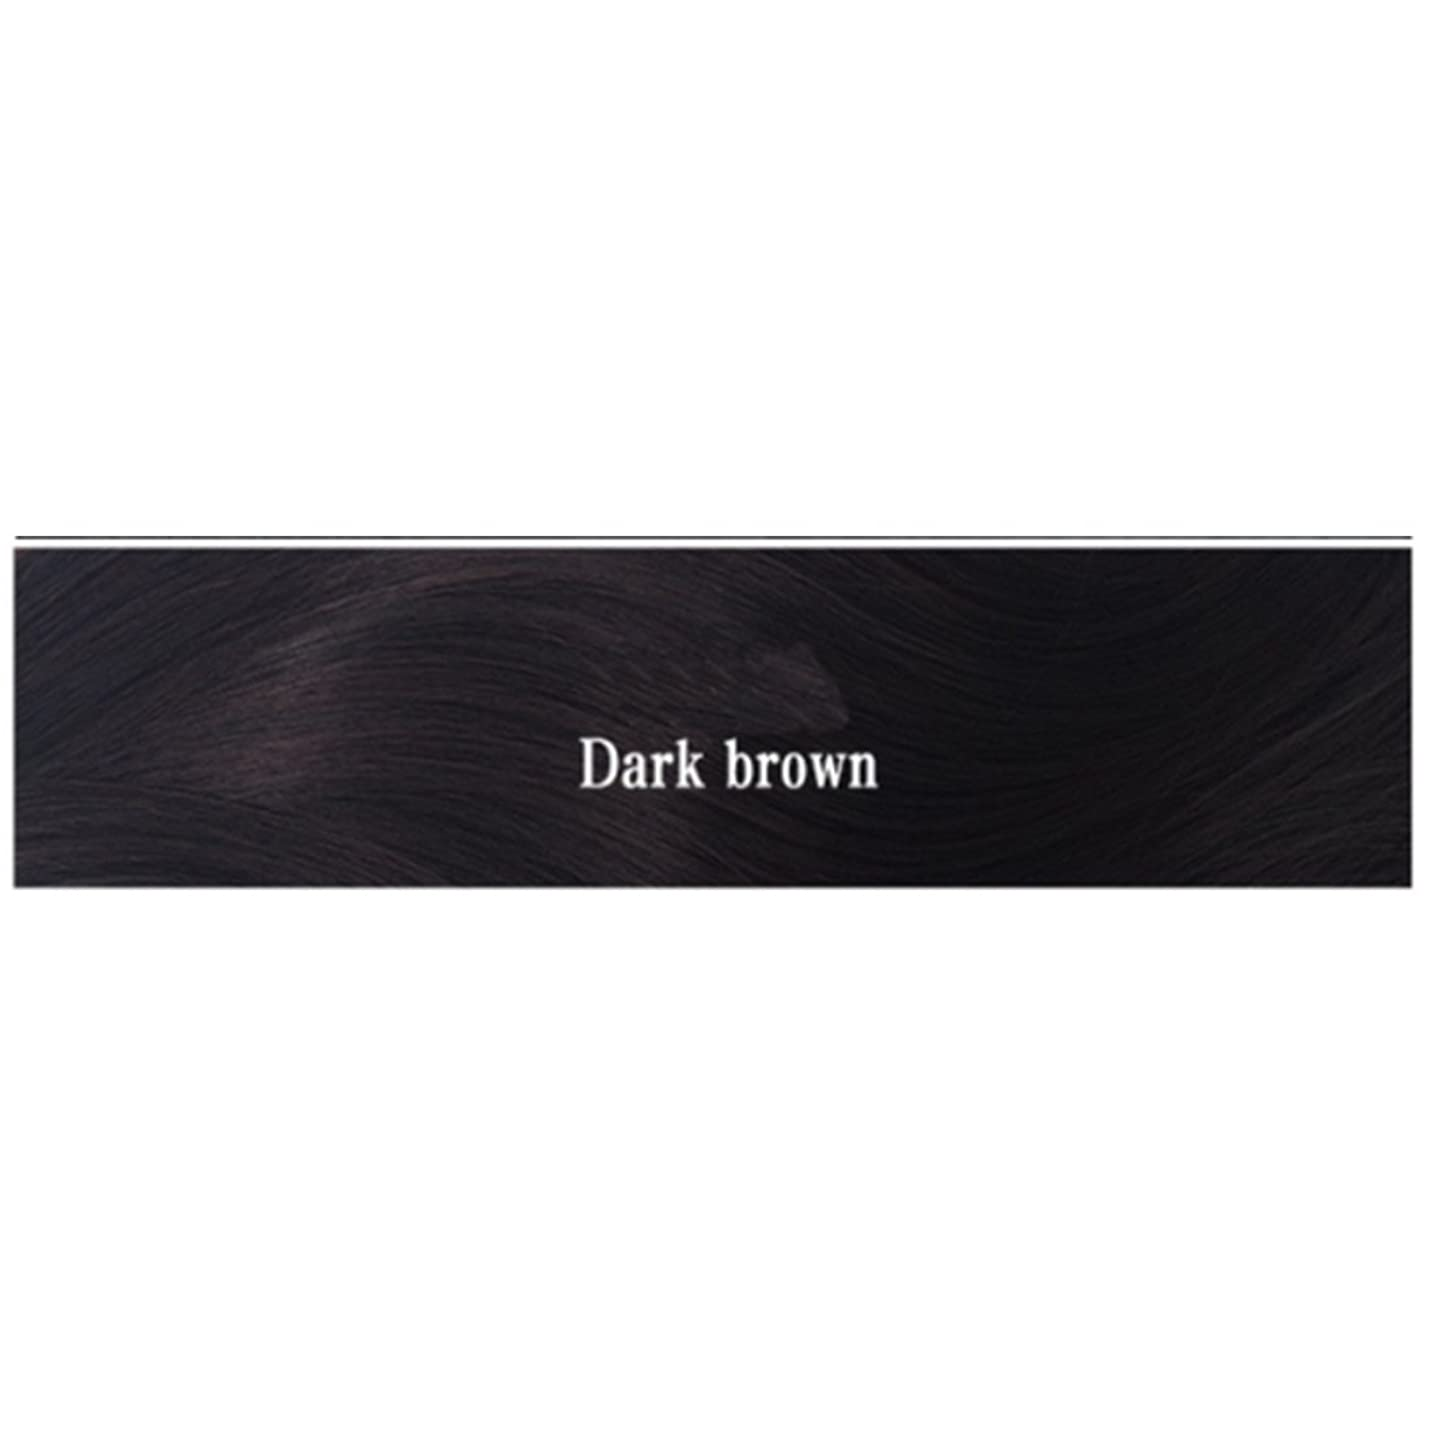 入口徹底的にブッシュJIANFU 女性 長い 耐熱 ストレート ウィッグ 調節可能なウィッグ 自然 魅力的 220g(ブラック、ダーク ブラウン、ライト ブラウン、ベージュ、ライト ピンク) (Color : ブラック)